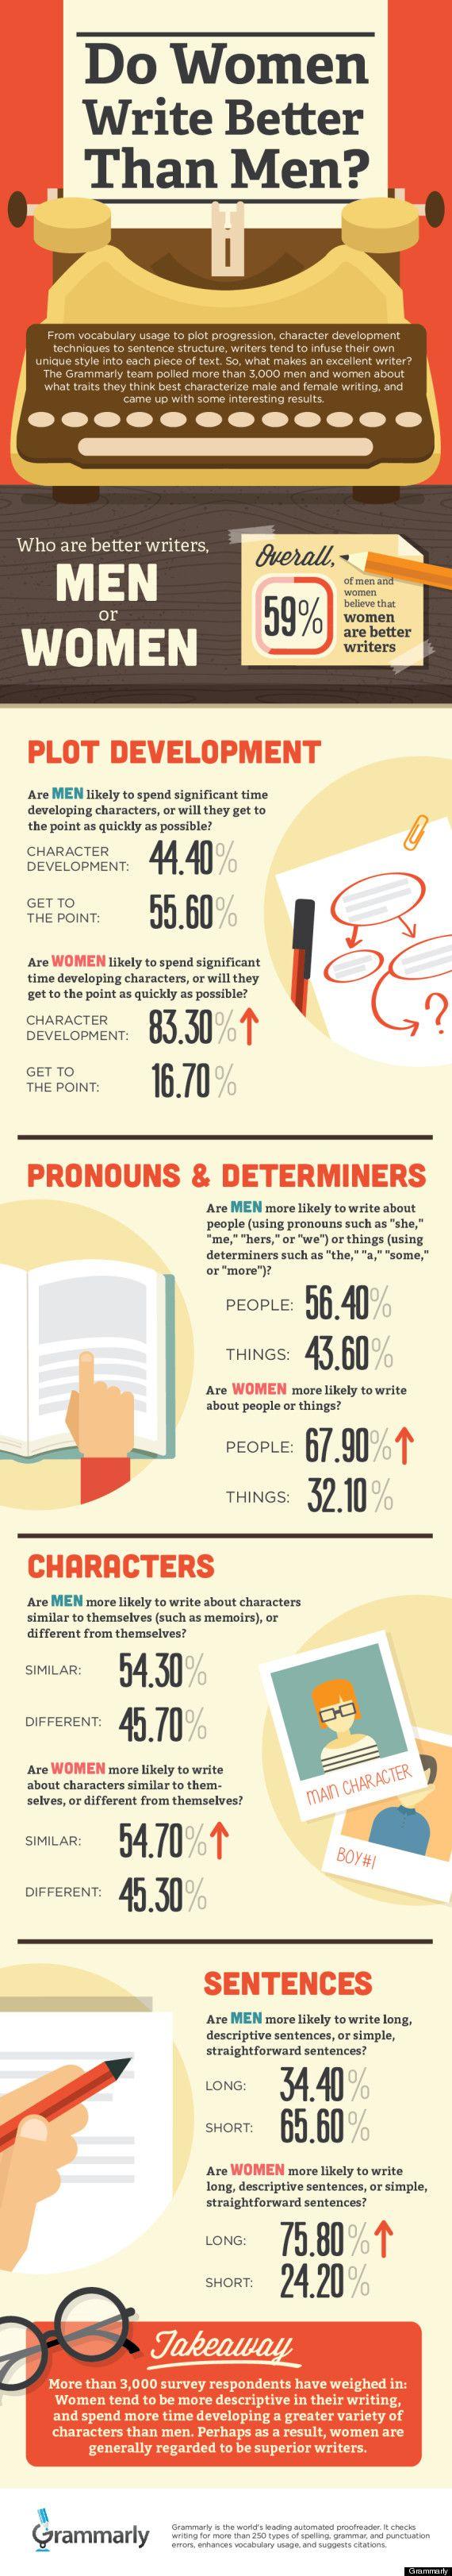 Infographic: Zijn vrouwen betere schrijvers dan mannen? Mustreads nl